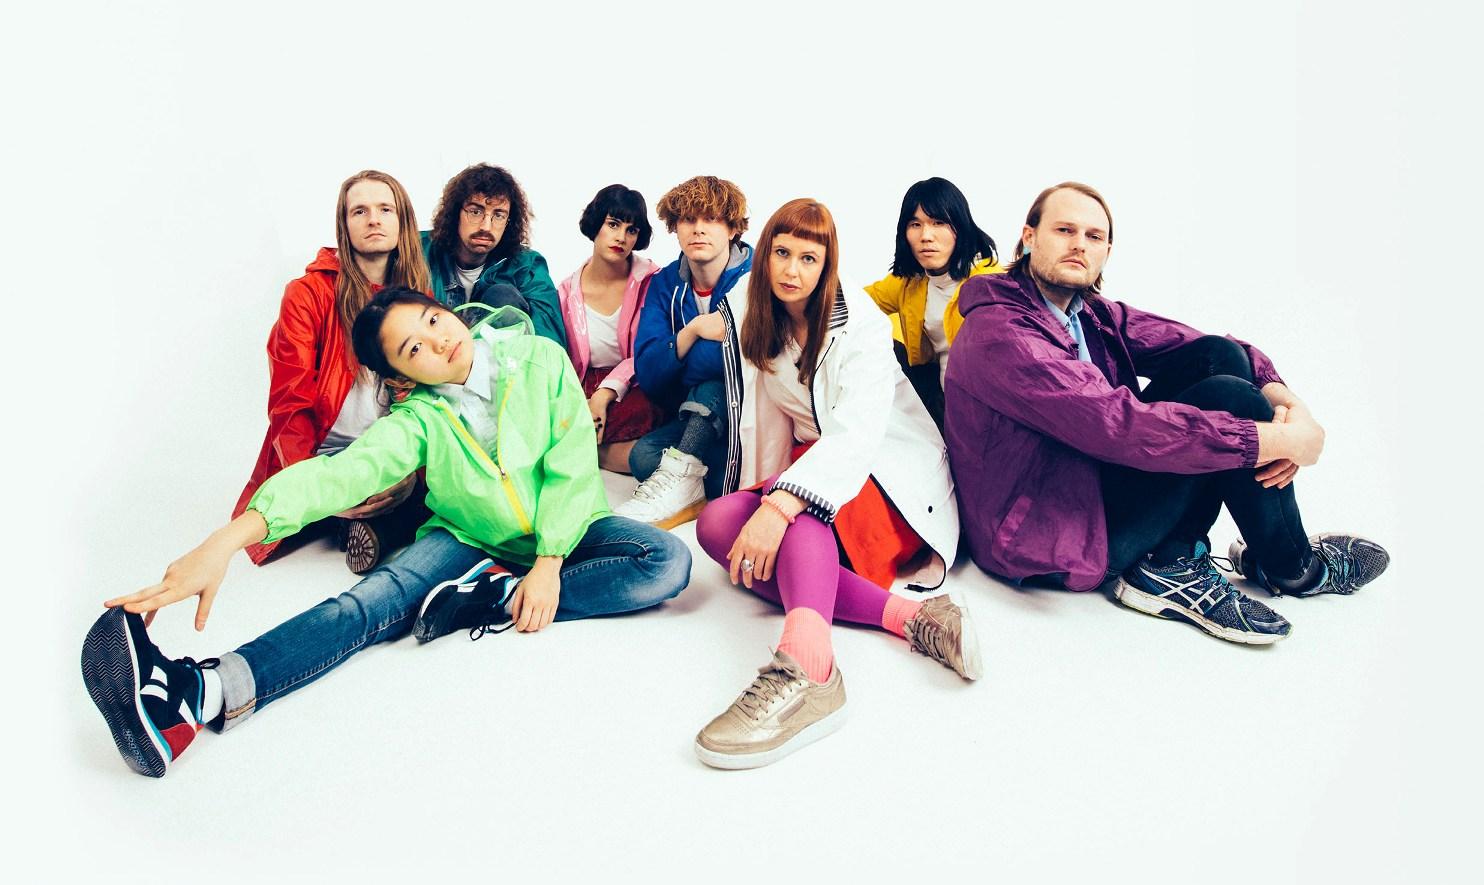 17才の日本人Oronoがヴォーカルを務める8人組多国籍バンド・Superorganism、3月にデビュー・アルバムリリース&新曲MV公開